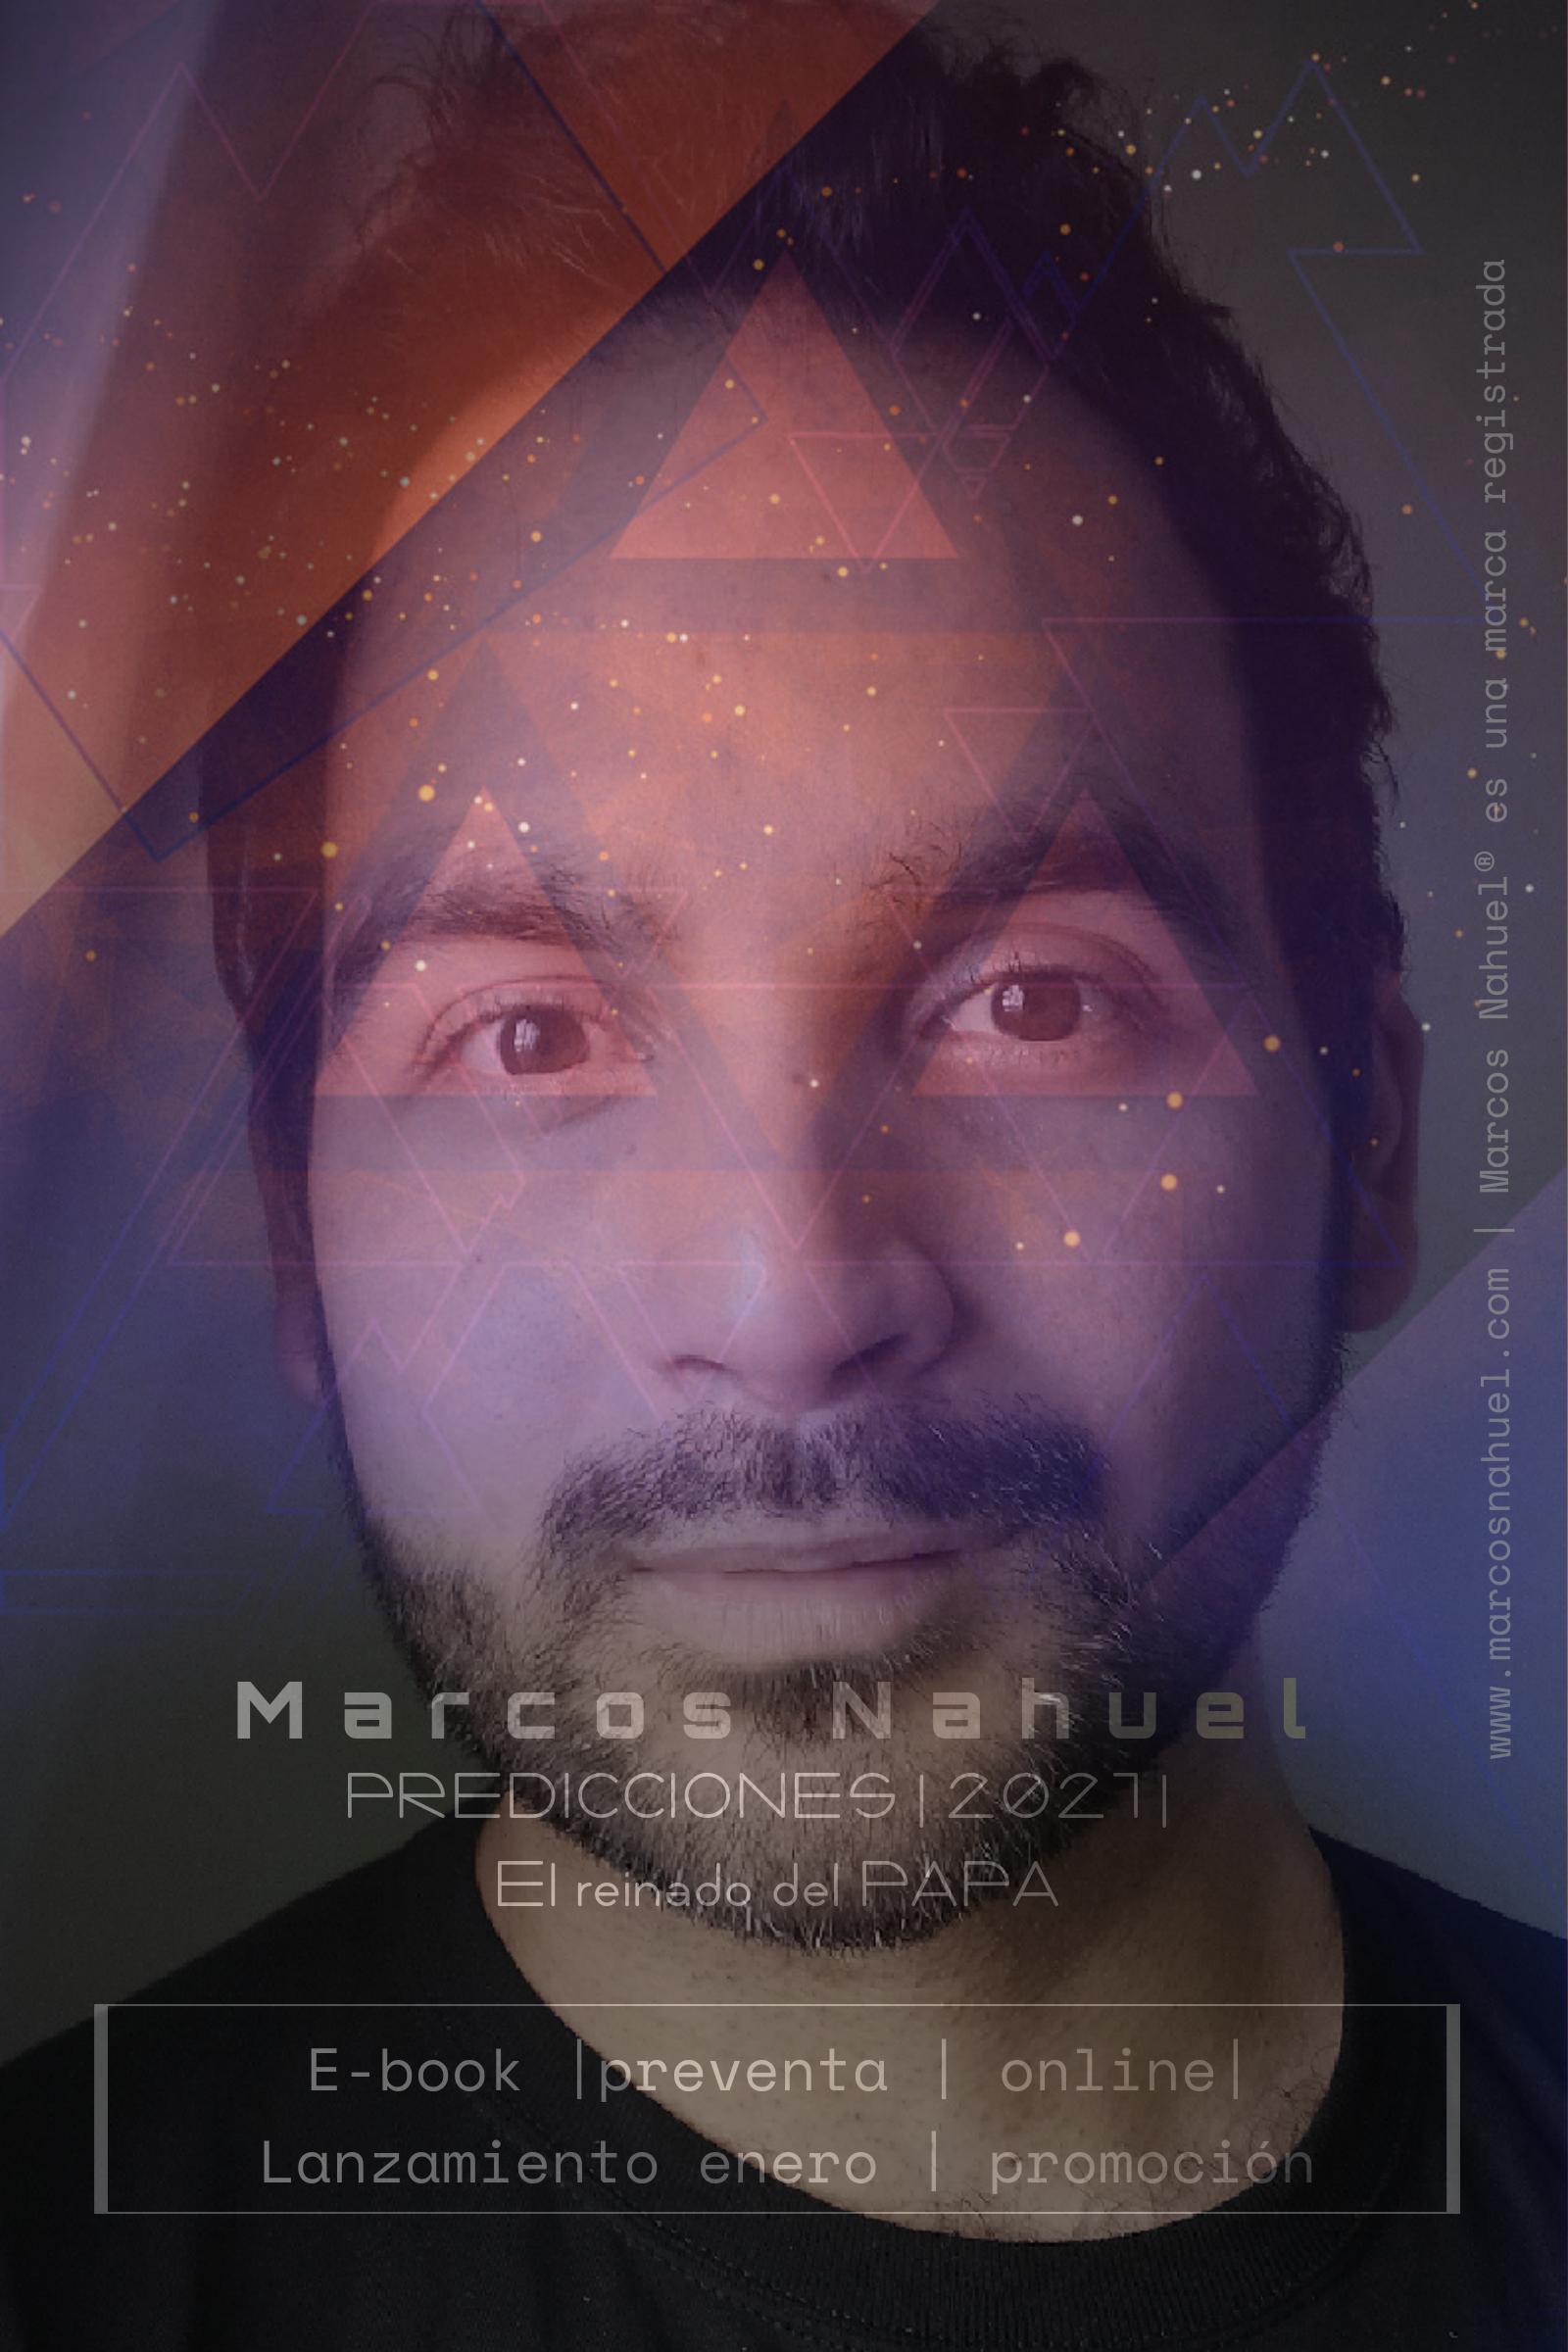 Marcos Nahuel predicciones 2021